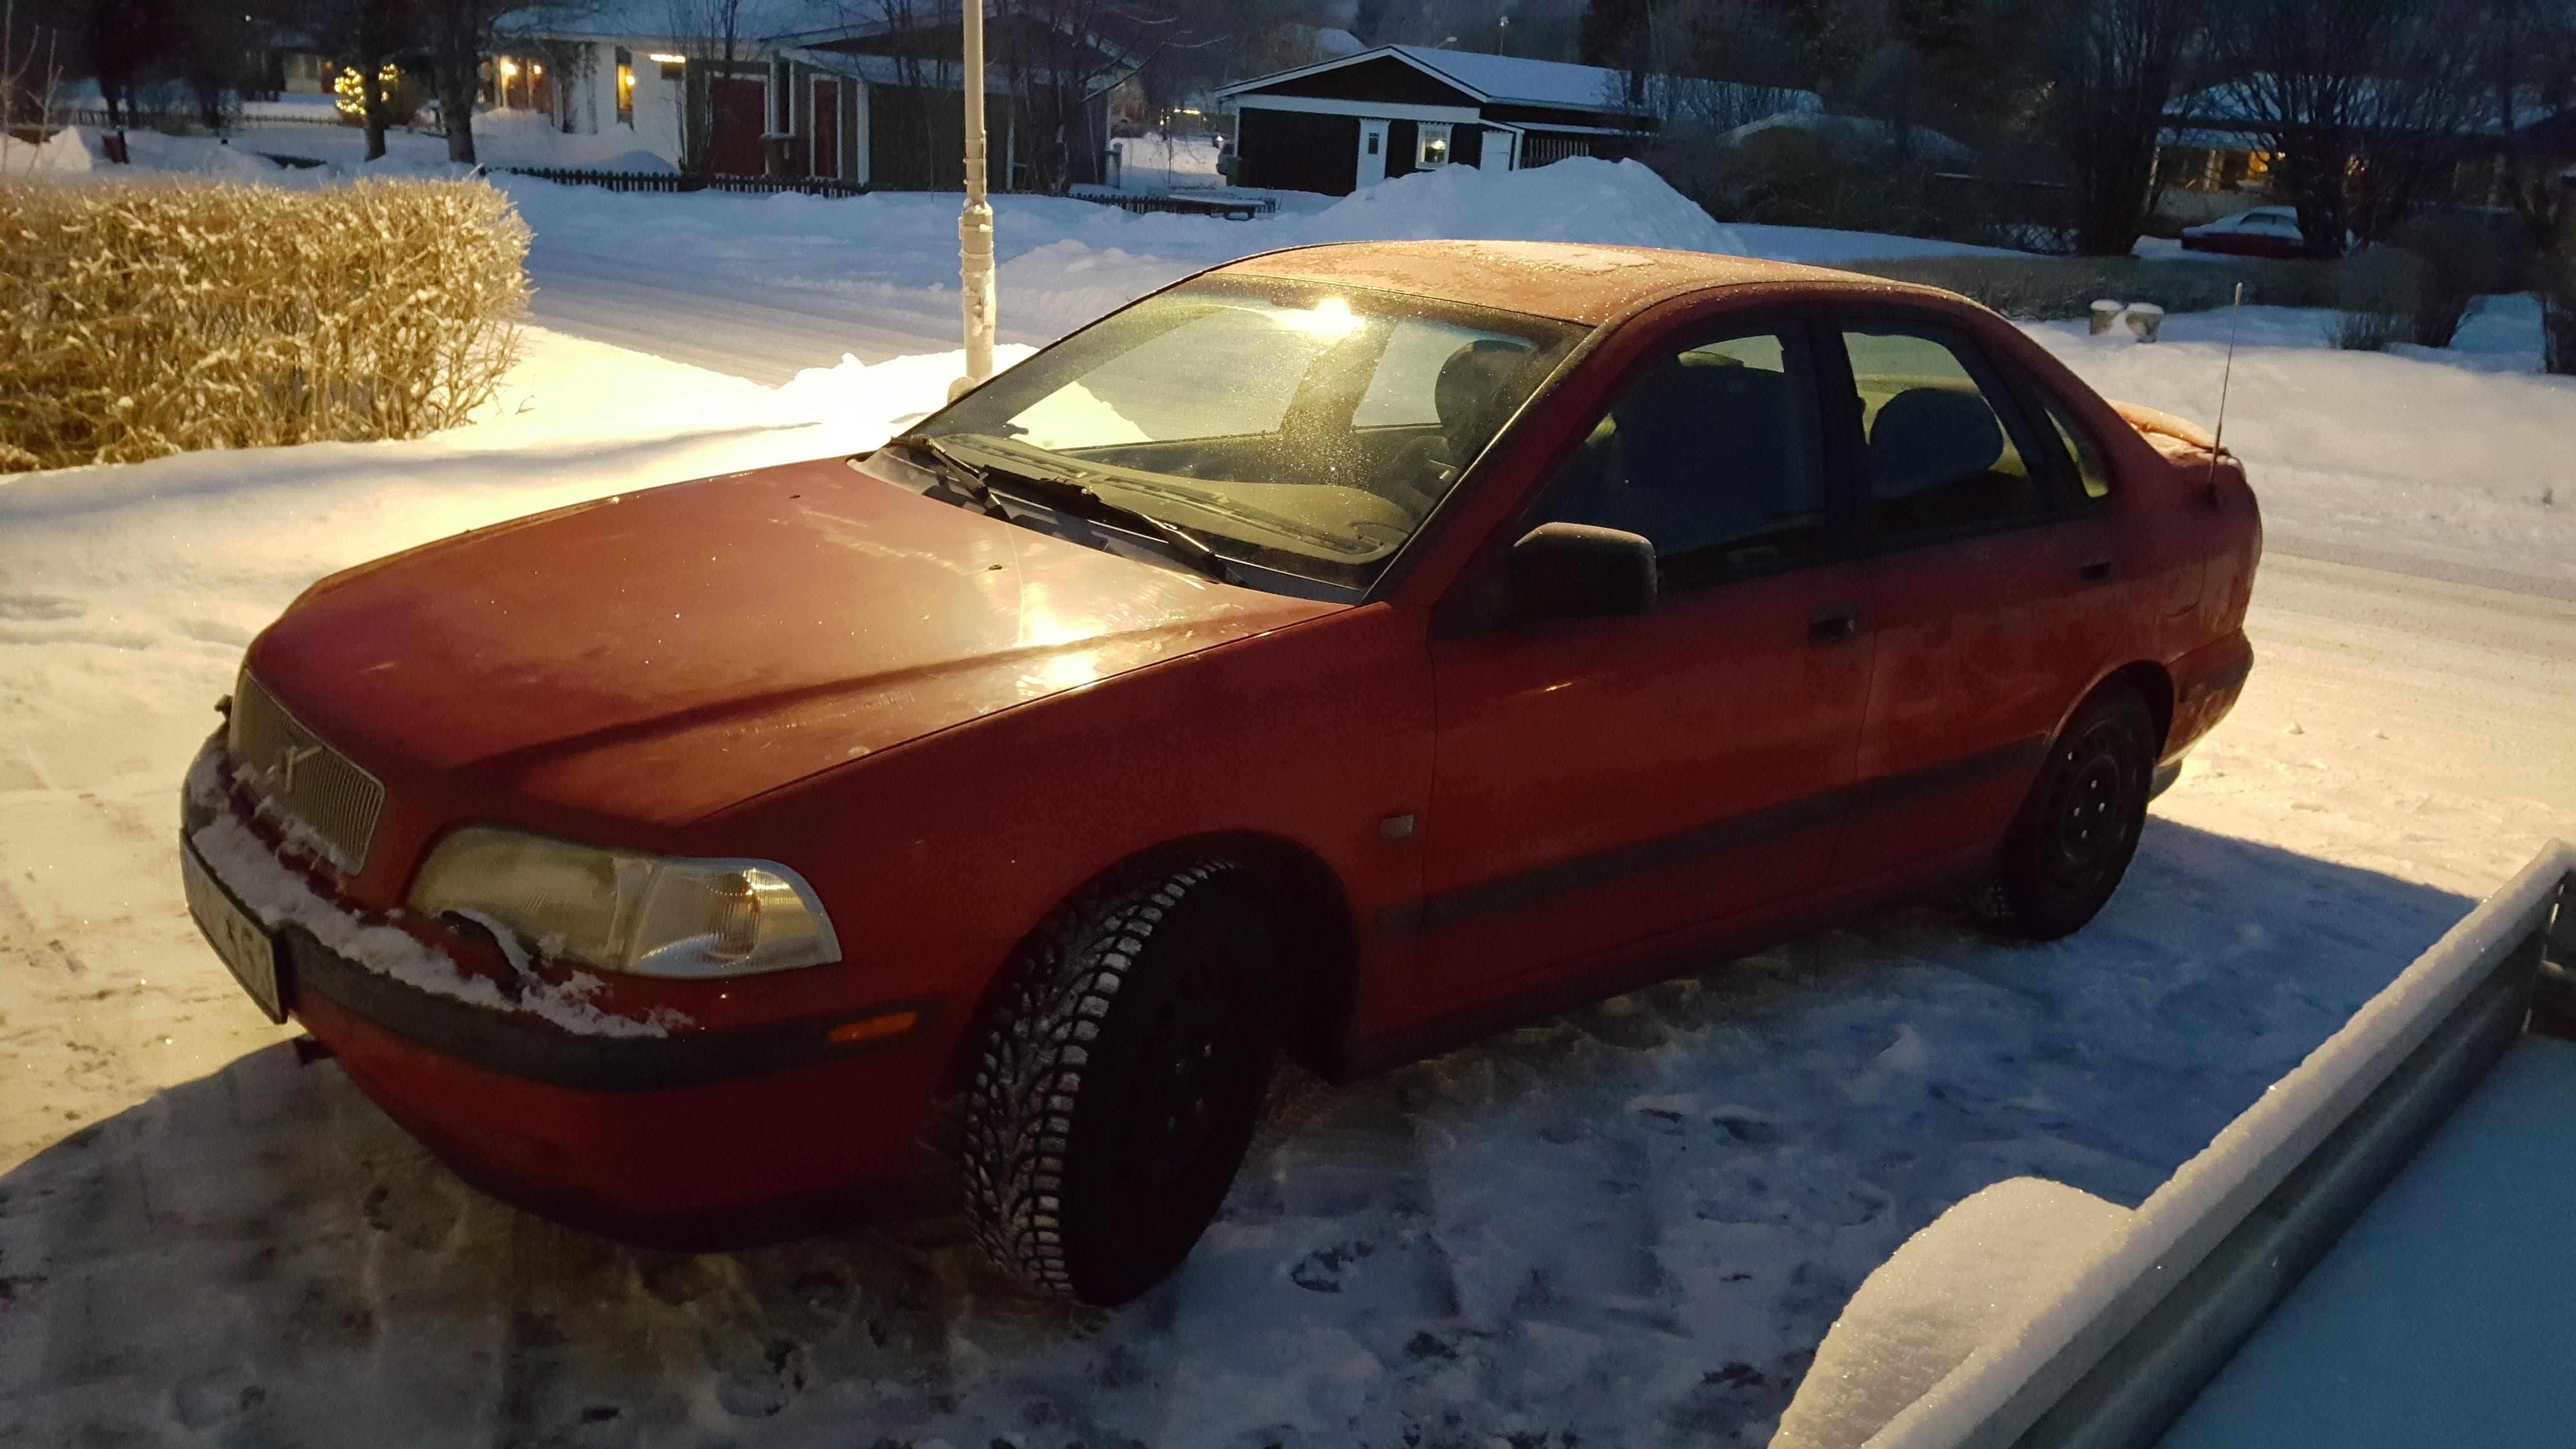 Foto: Cathrine Ericson. Bilen återfanns på Ripstigen i Strömsund där ägaren kunde hämta den under morgonen.